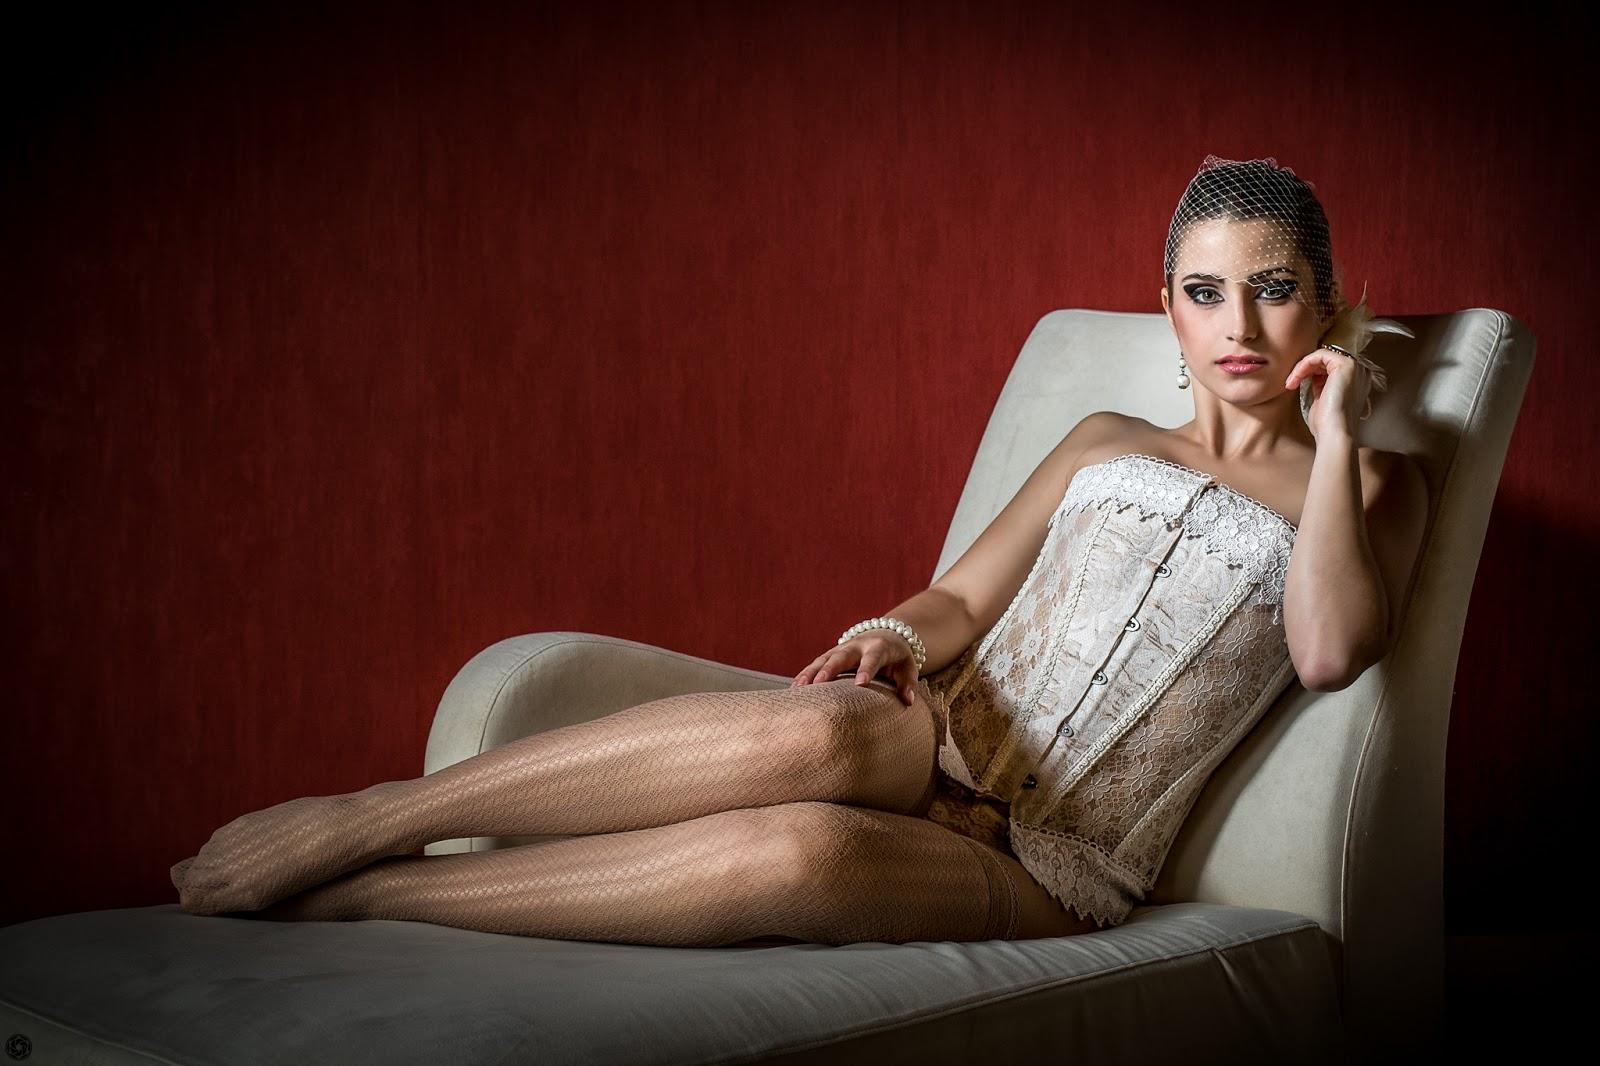 La Maja Vestida :: Canon EOS5D MkIII | ISO400 | Canon 50mm | f/5.6 | 1/125s